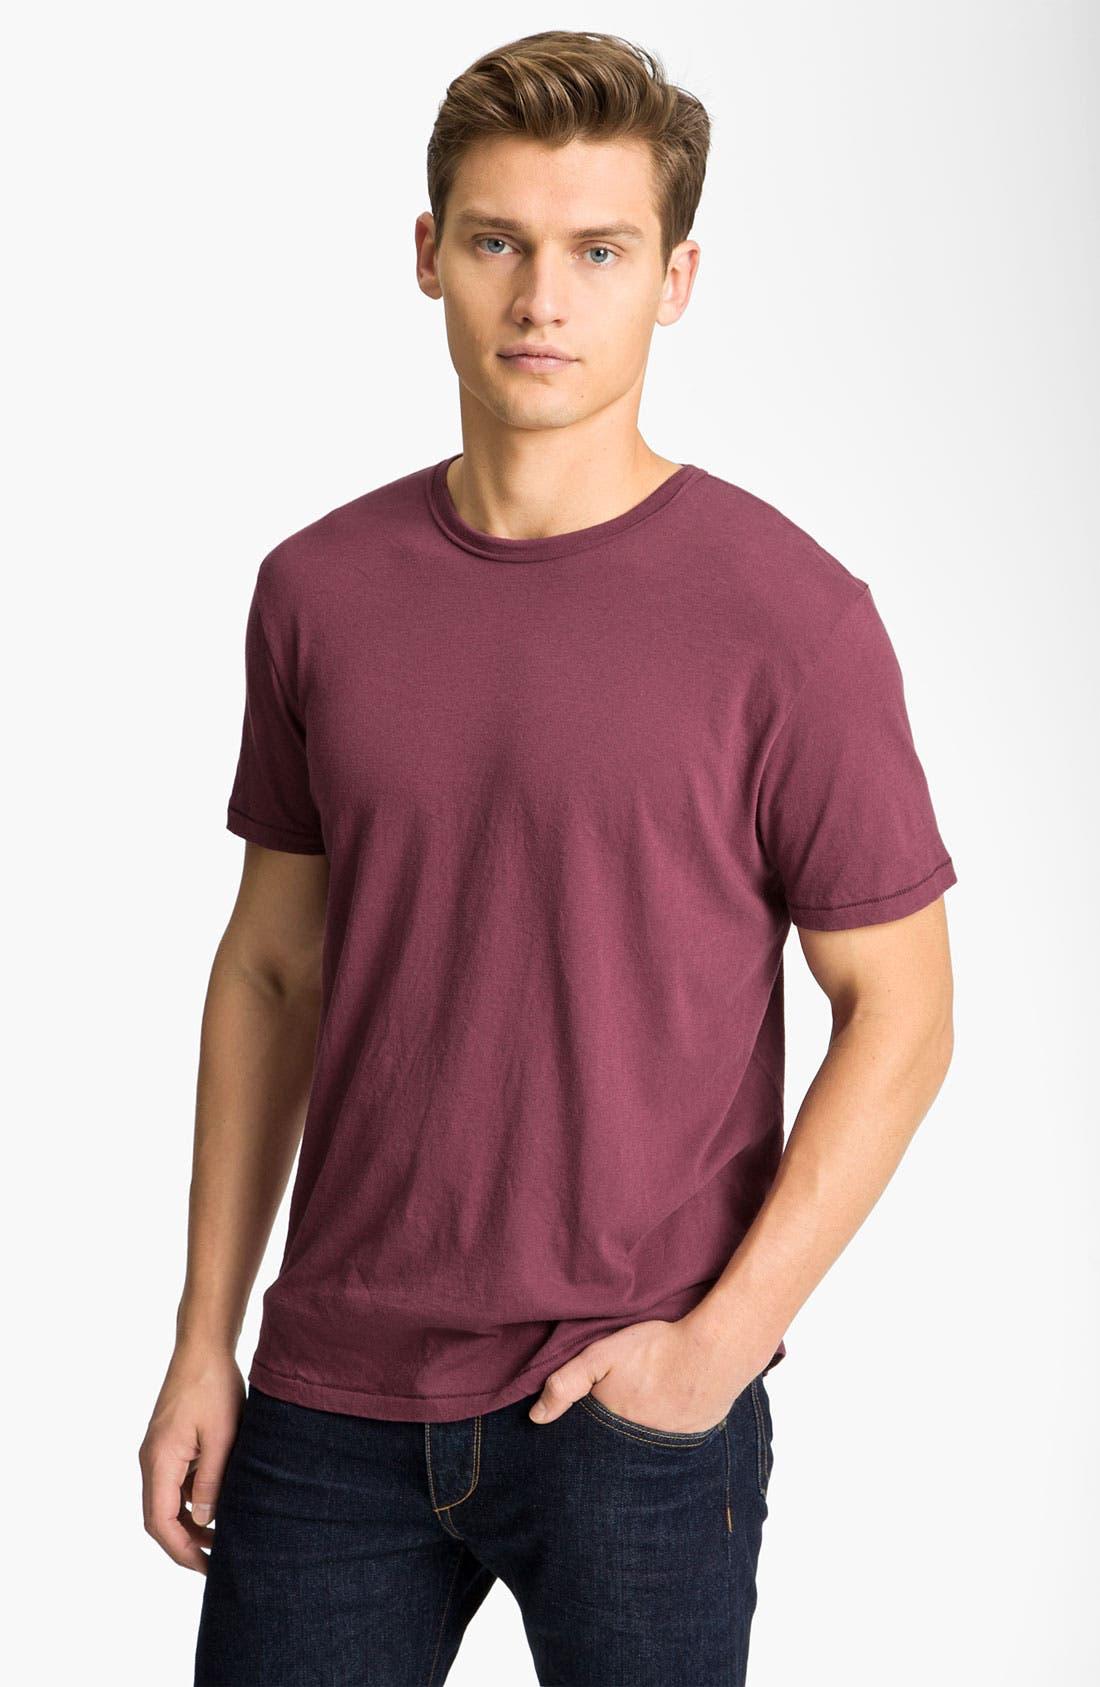 Main Image - rag & bone 'Flame' T-Shirt